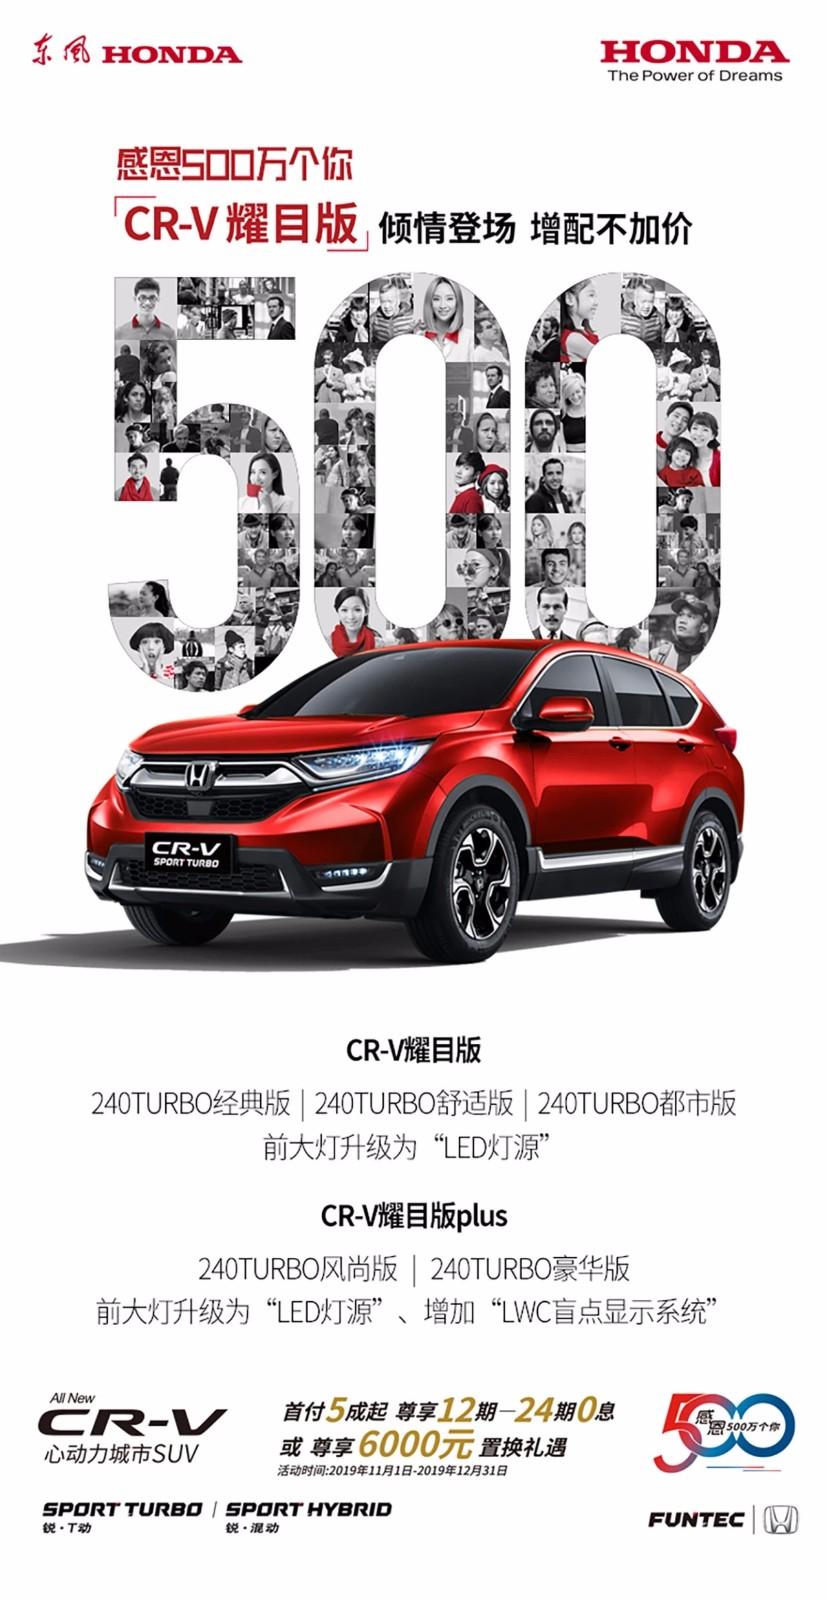 起售16.98萬元/配置升級/5款車型 2020款本田CR-V上市